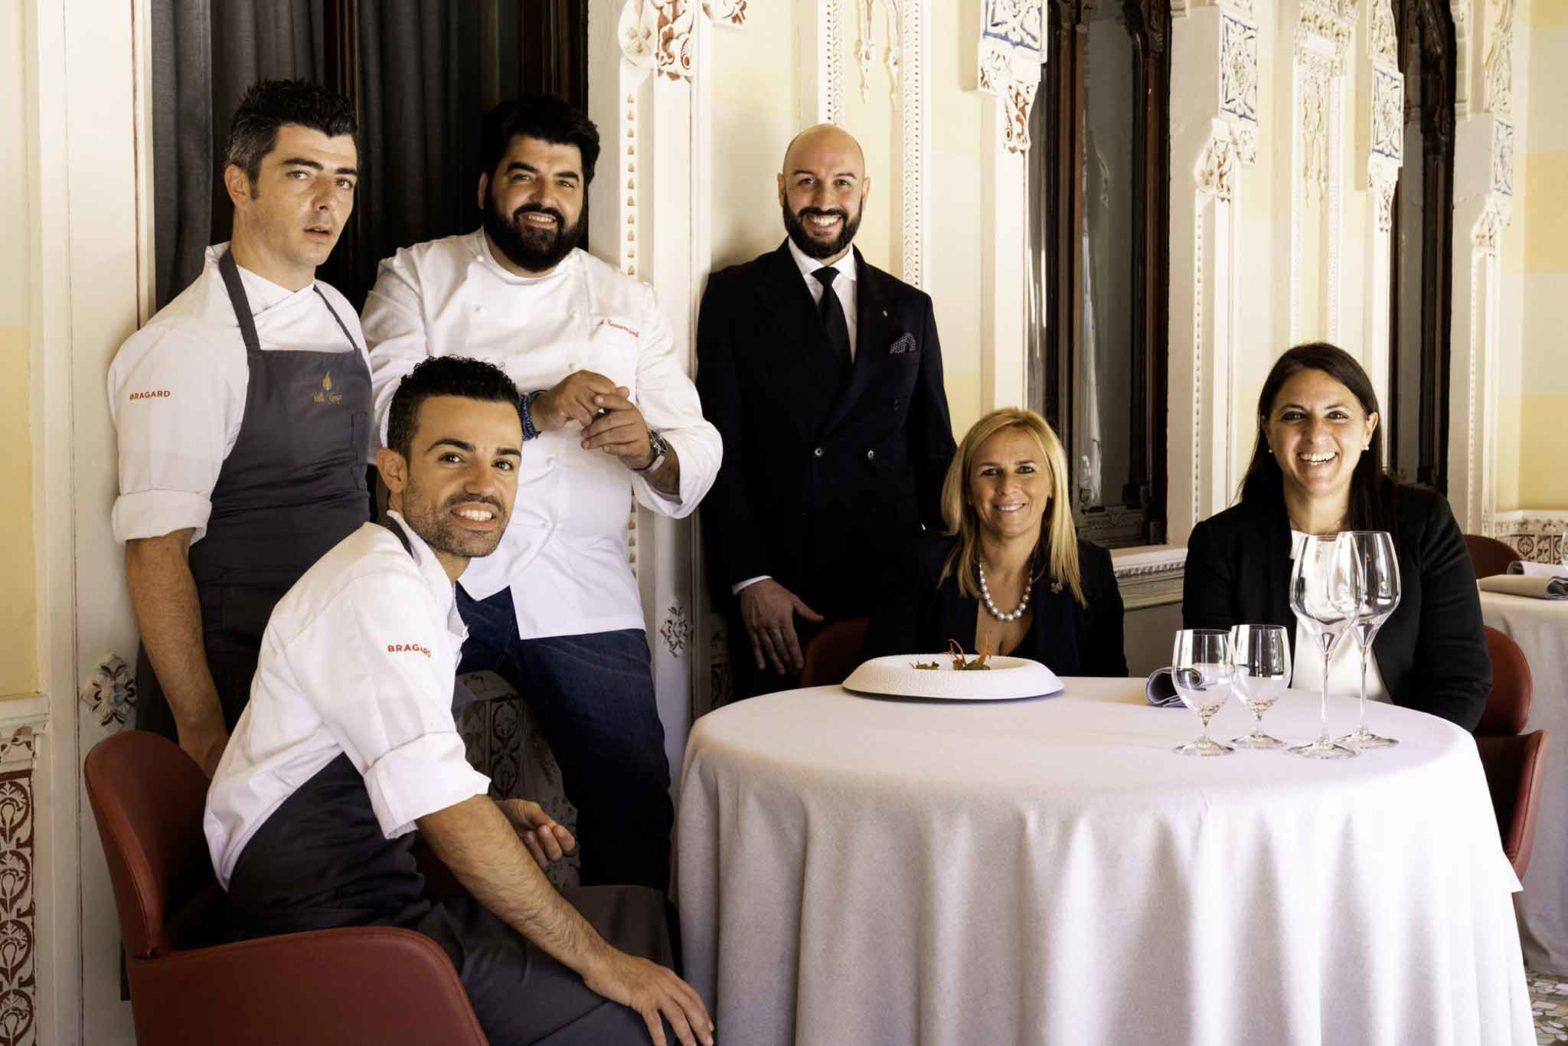 Antonino Cannavacciuolo staff